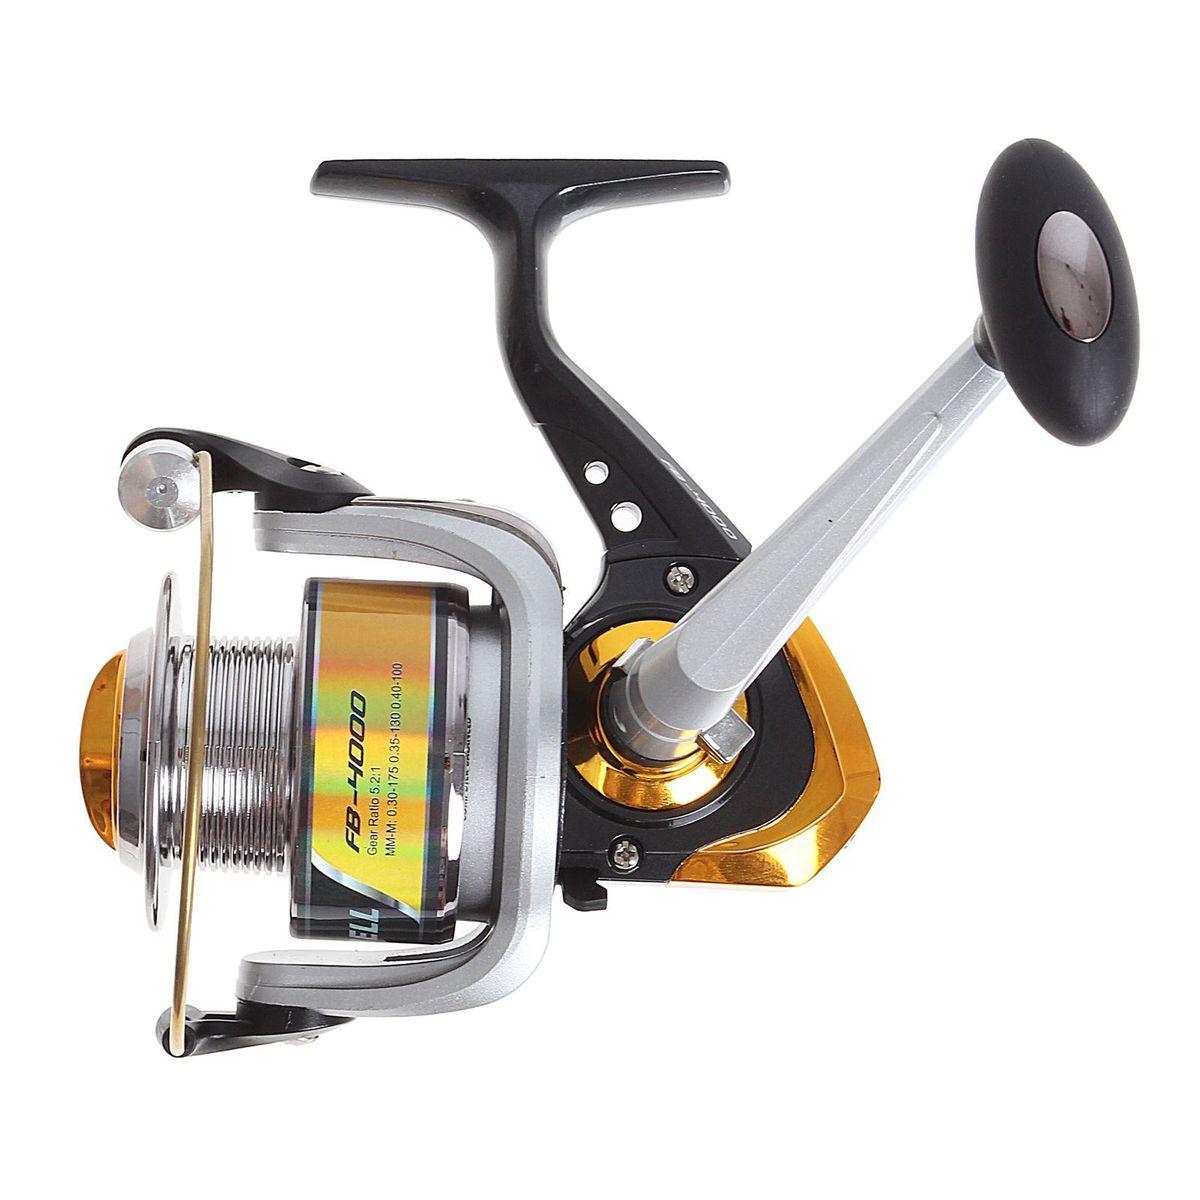 Катушка безынерционная Onlitop 1BB FB 4000, цвет: желтый, 1 подшипник1233161Катушка 1BB FB 4000 это универсальная модель «эконом»-класса для разных условий рыбалки, отличный выбор для начинающих рыболовов.